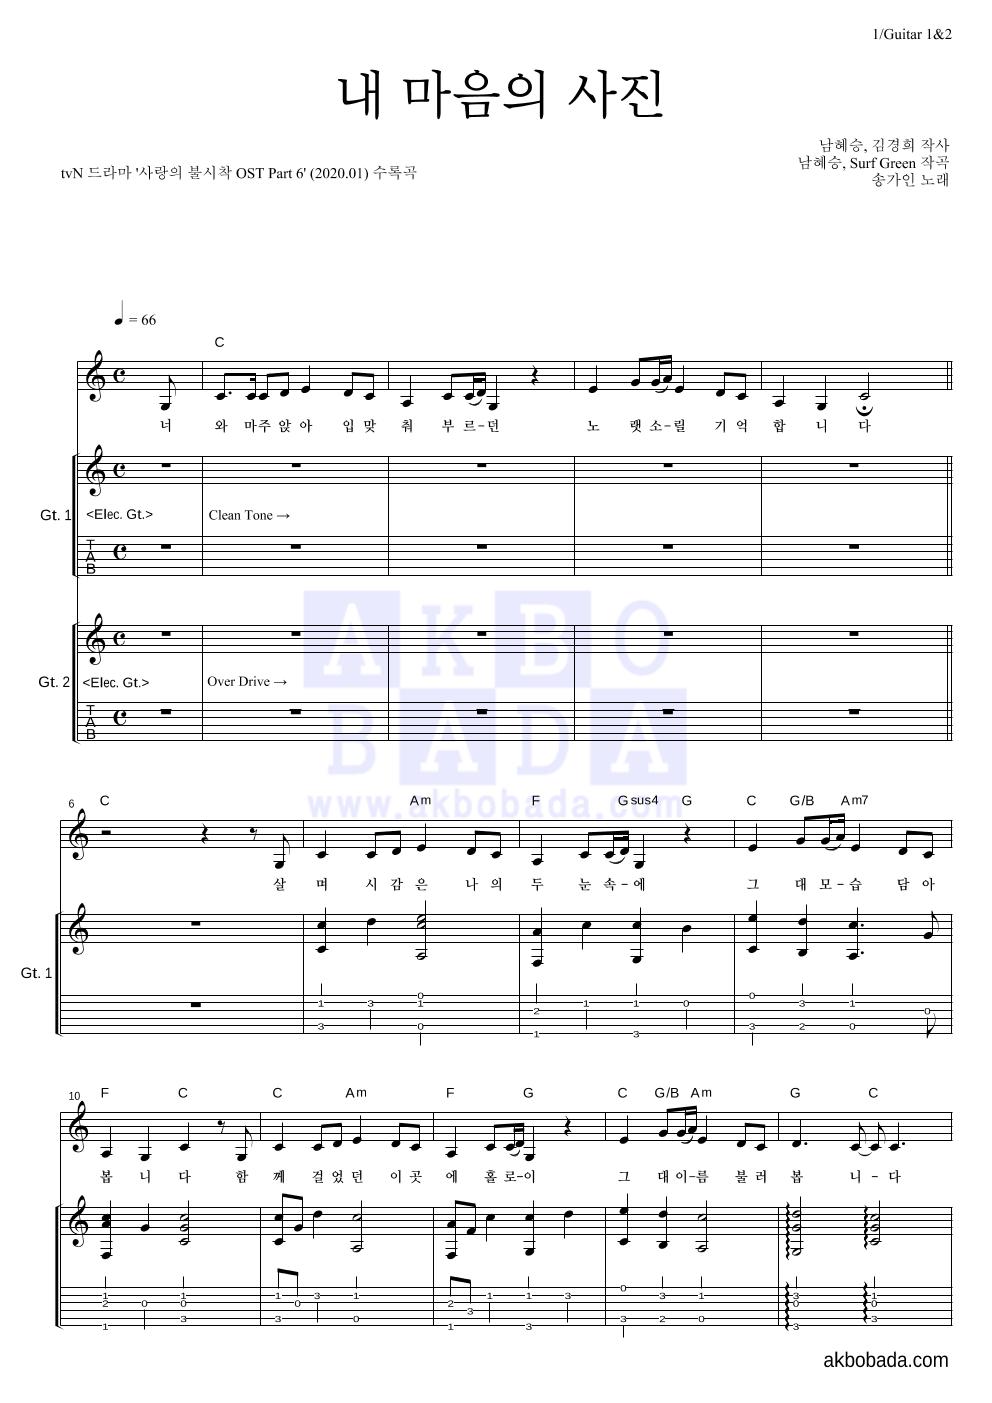 송가인 - 내 마음의 사진 기타1,2 악보